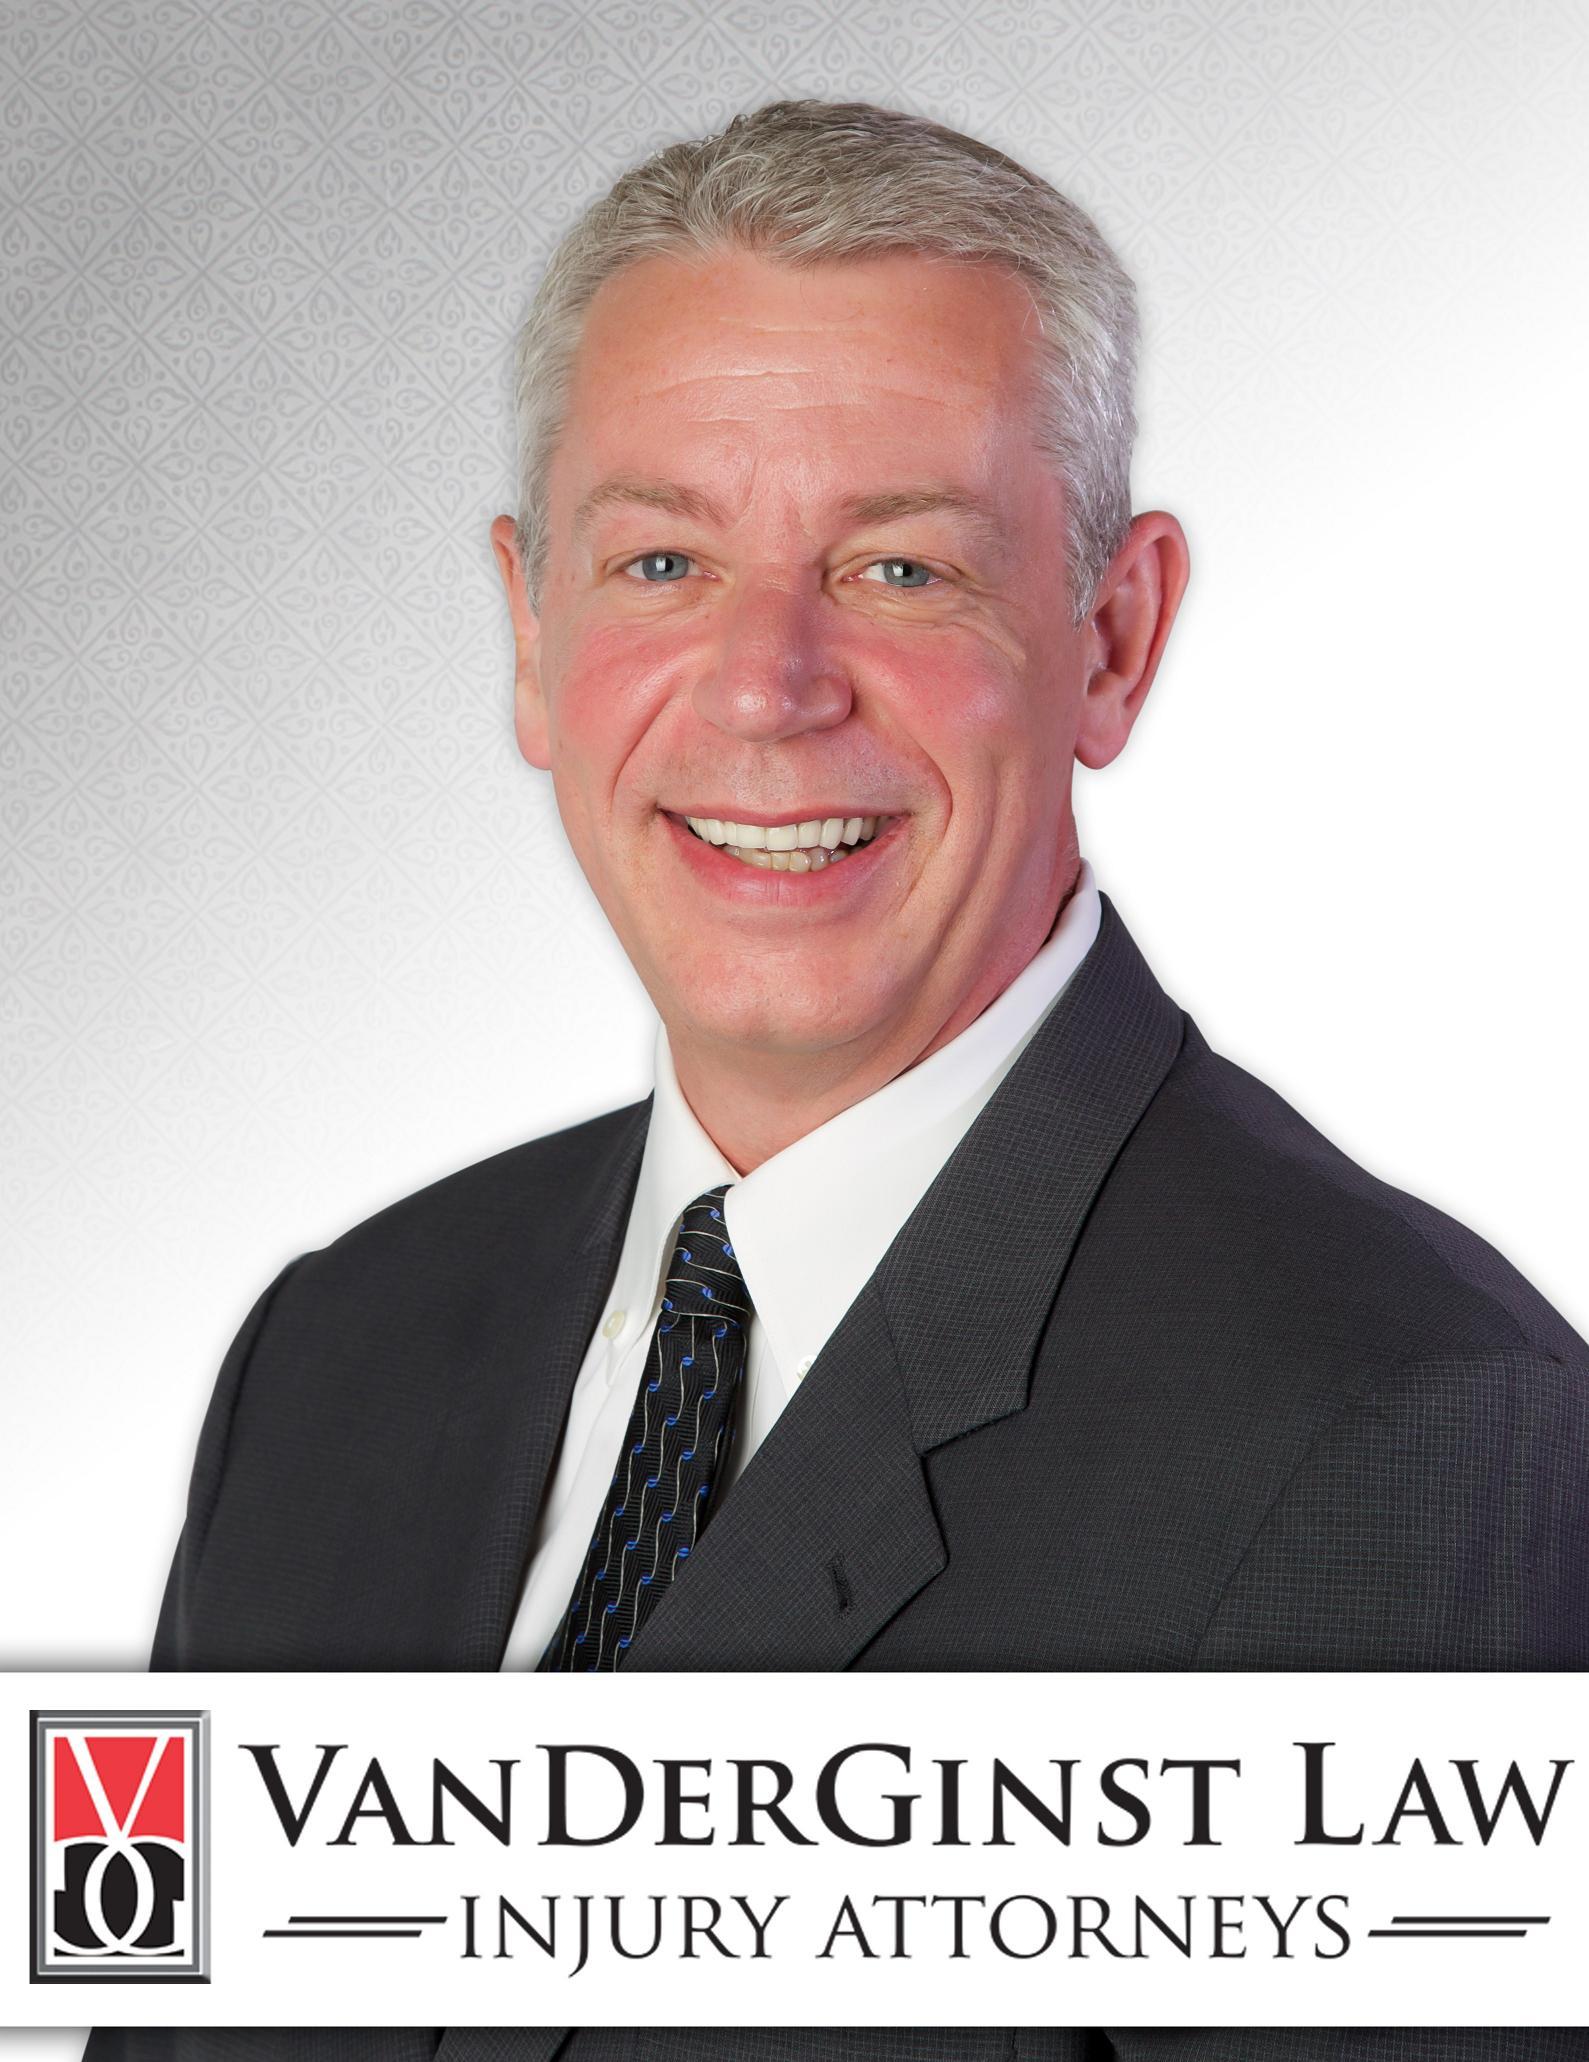 VanDerGinst Law, P.C.